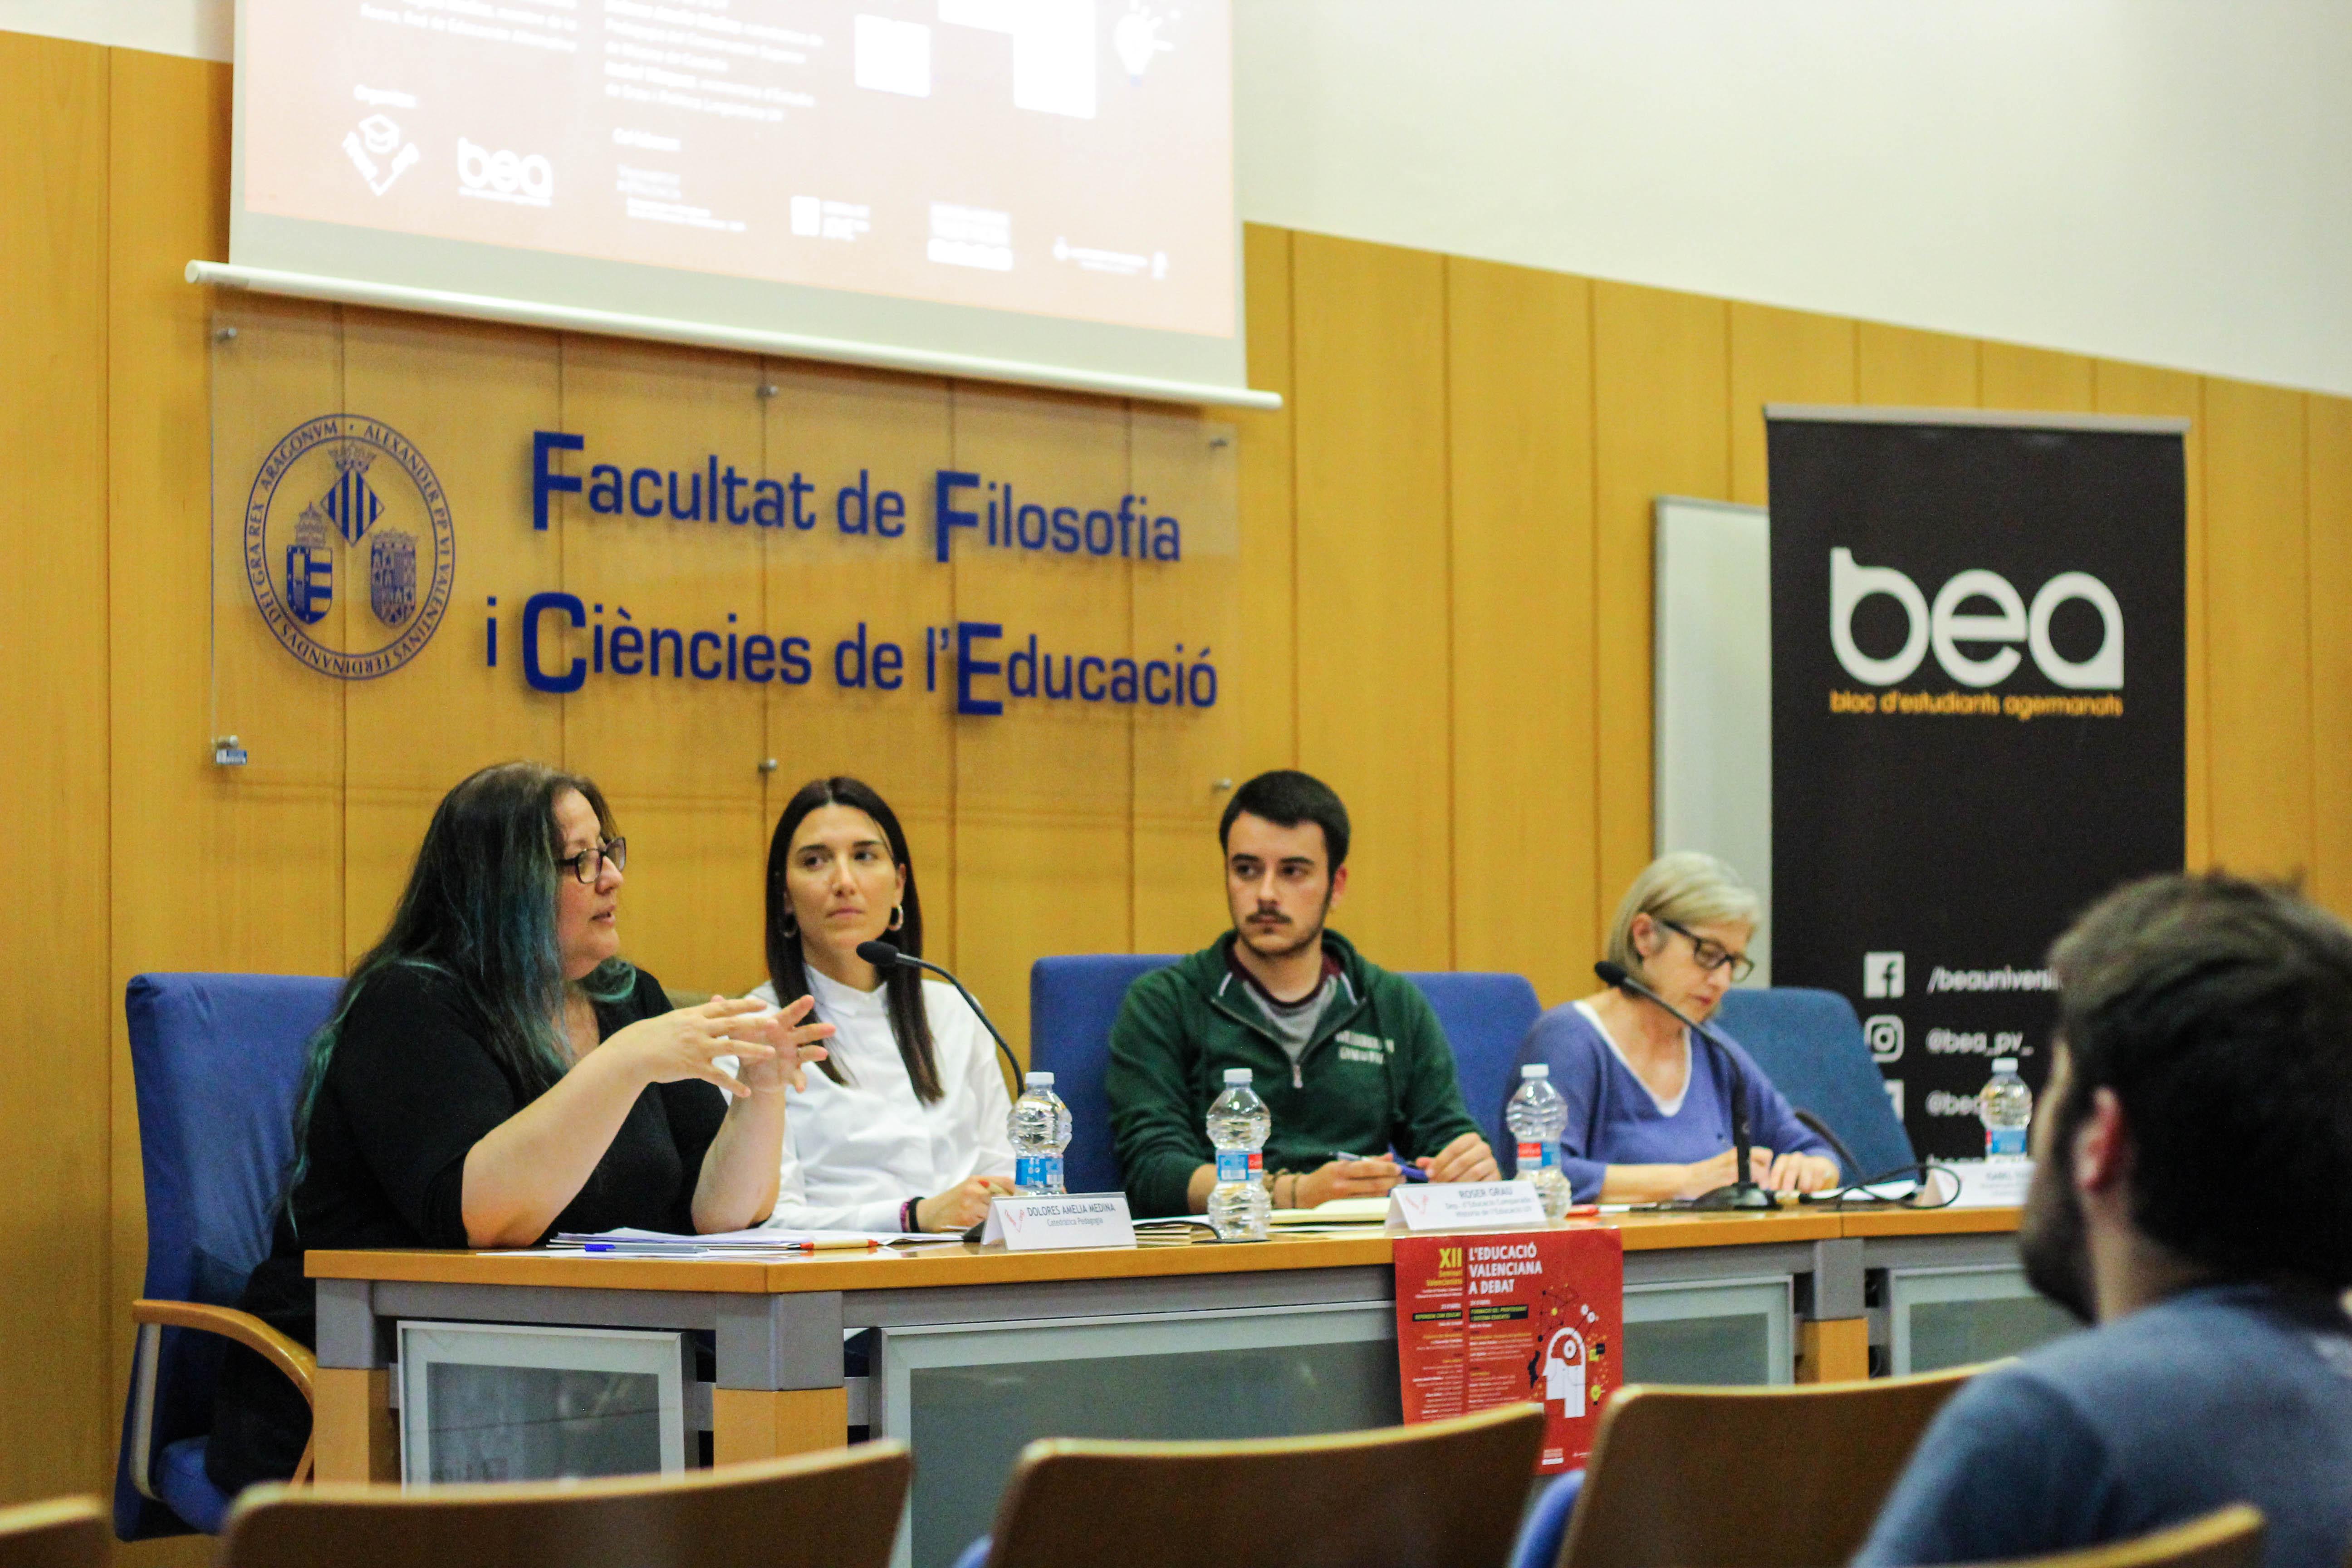 El Seminari Valencianista debat sobre model educatiu i renovació pedagògica